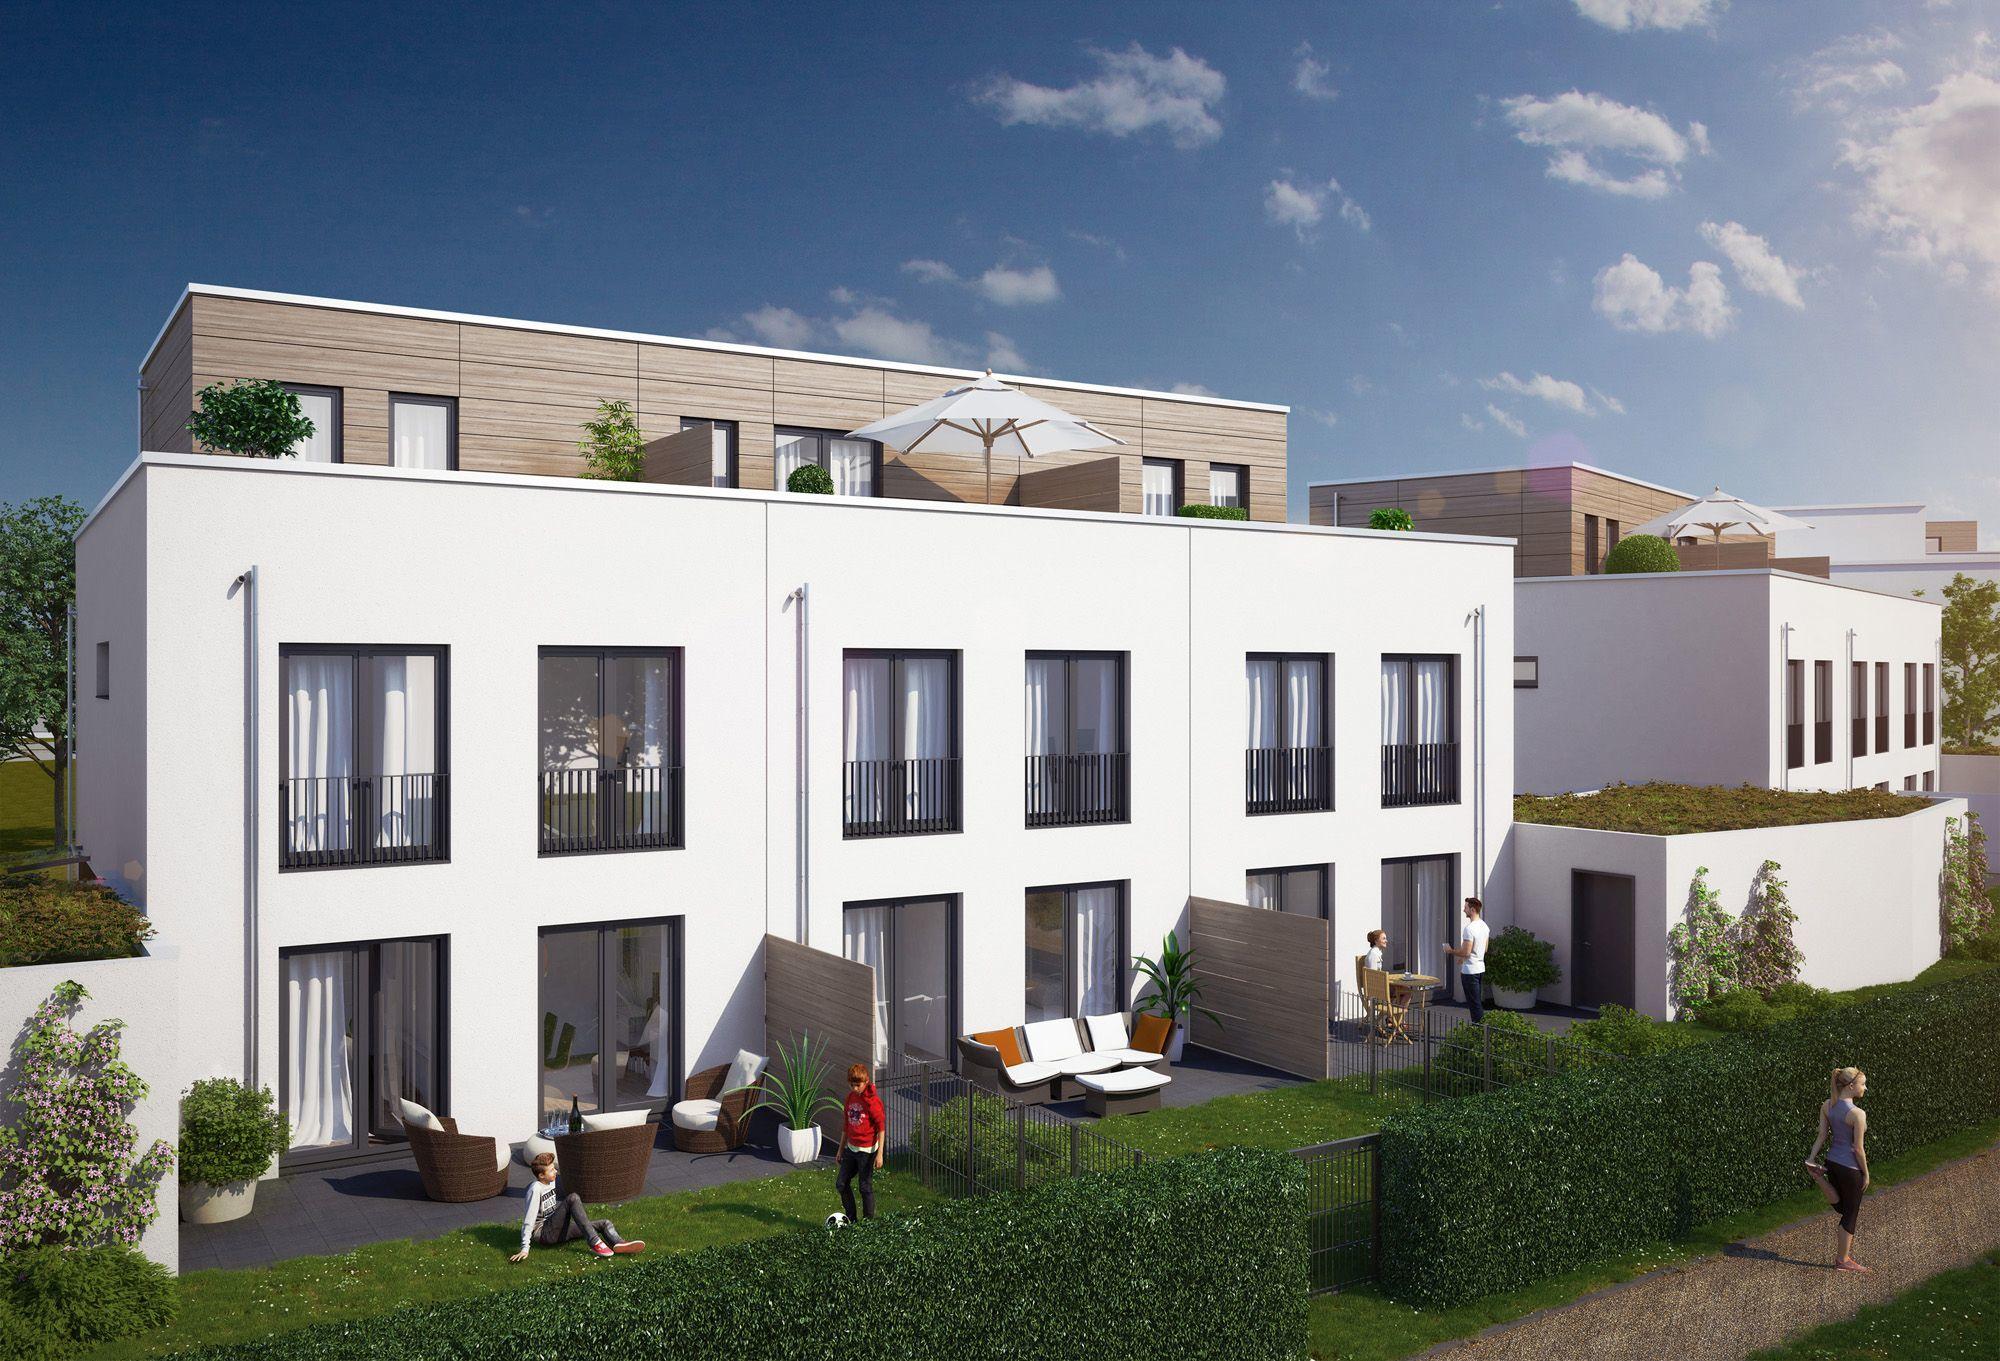 Architektenkammer Düsseldorf neuss weckhoven quartier für gemeinschaftliches slapa oberholz